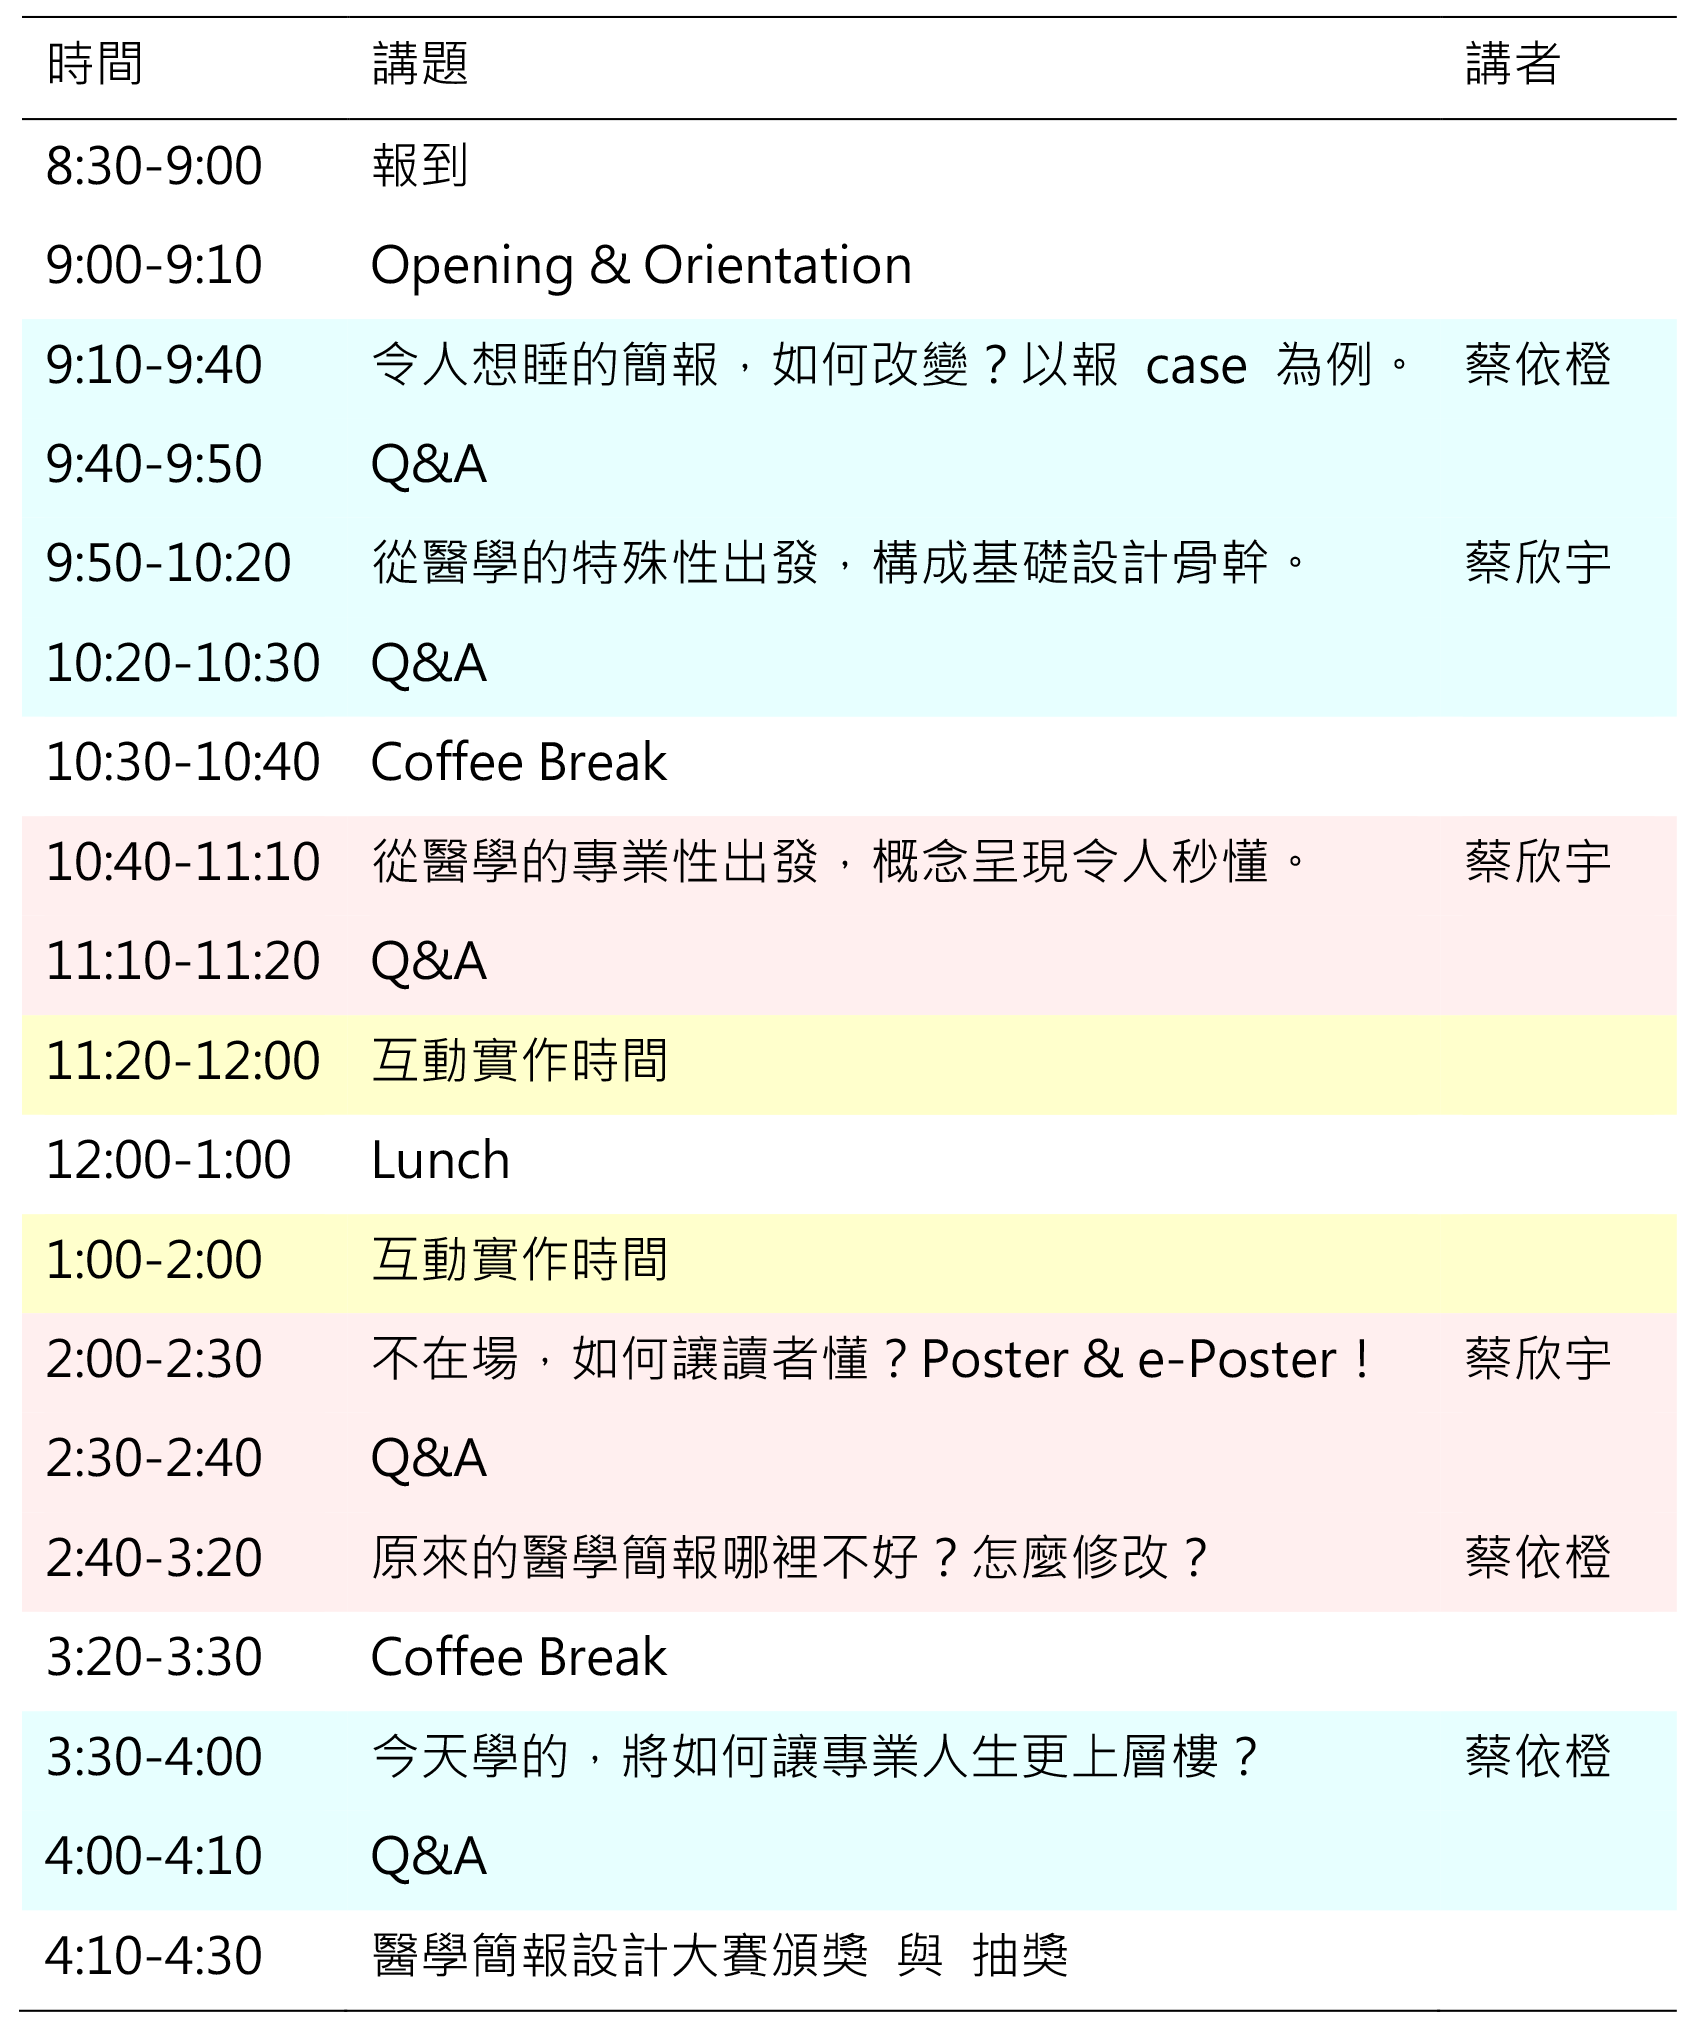 01_2017_schedule